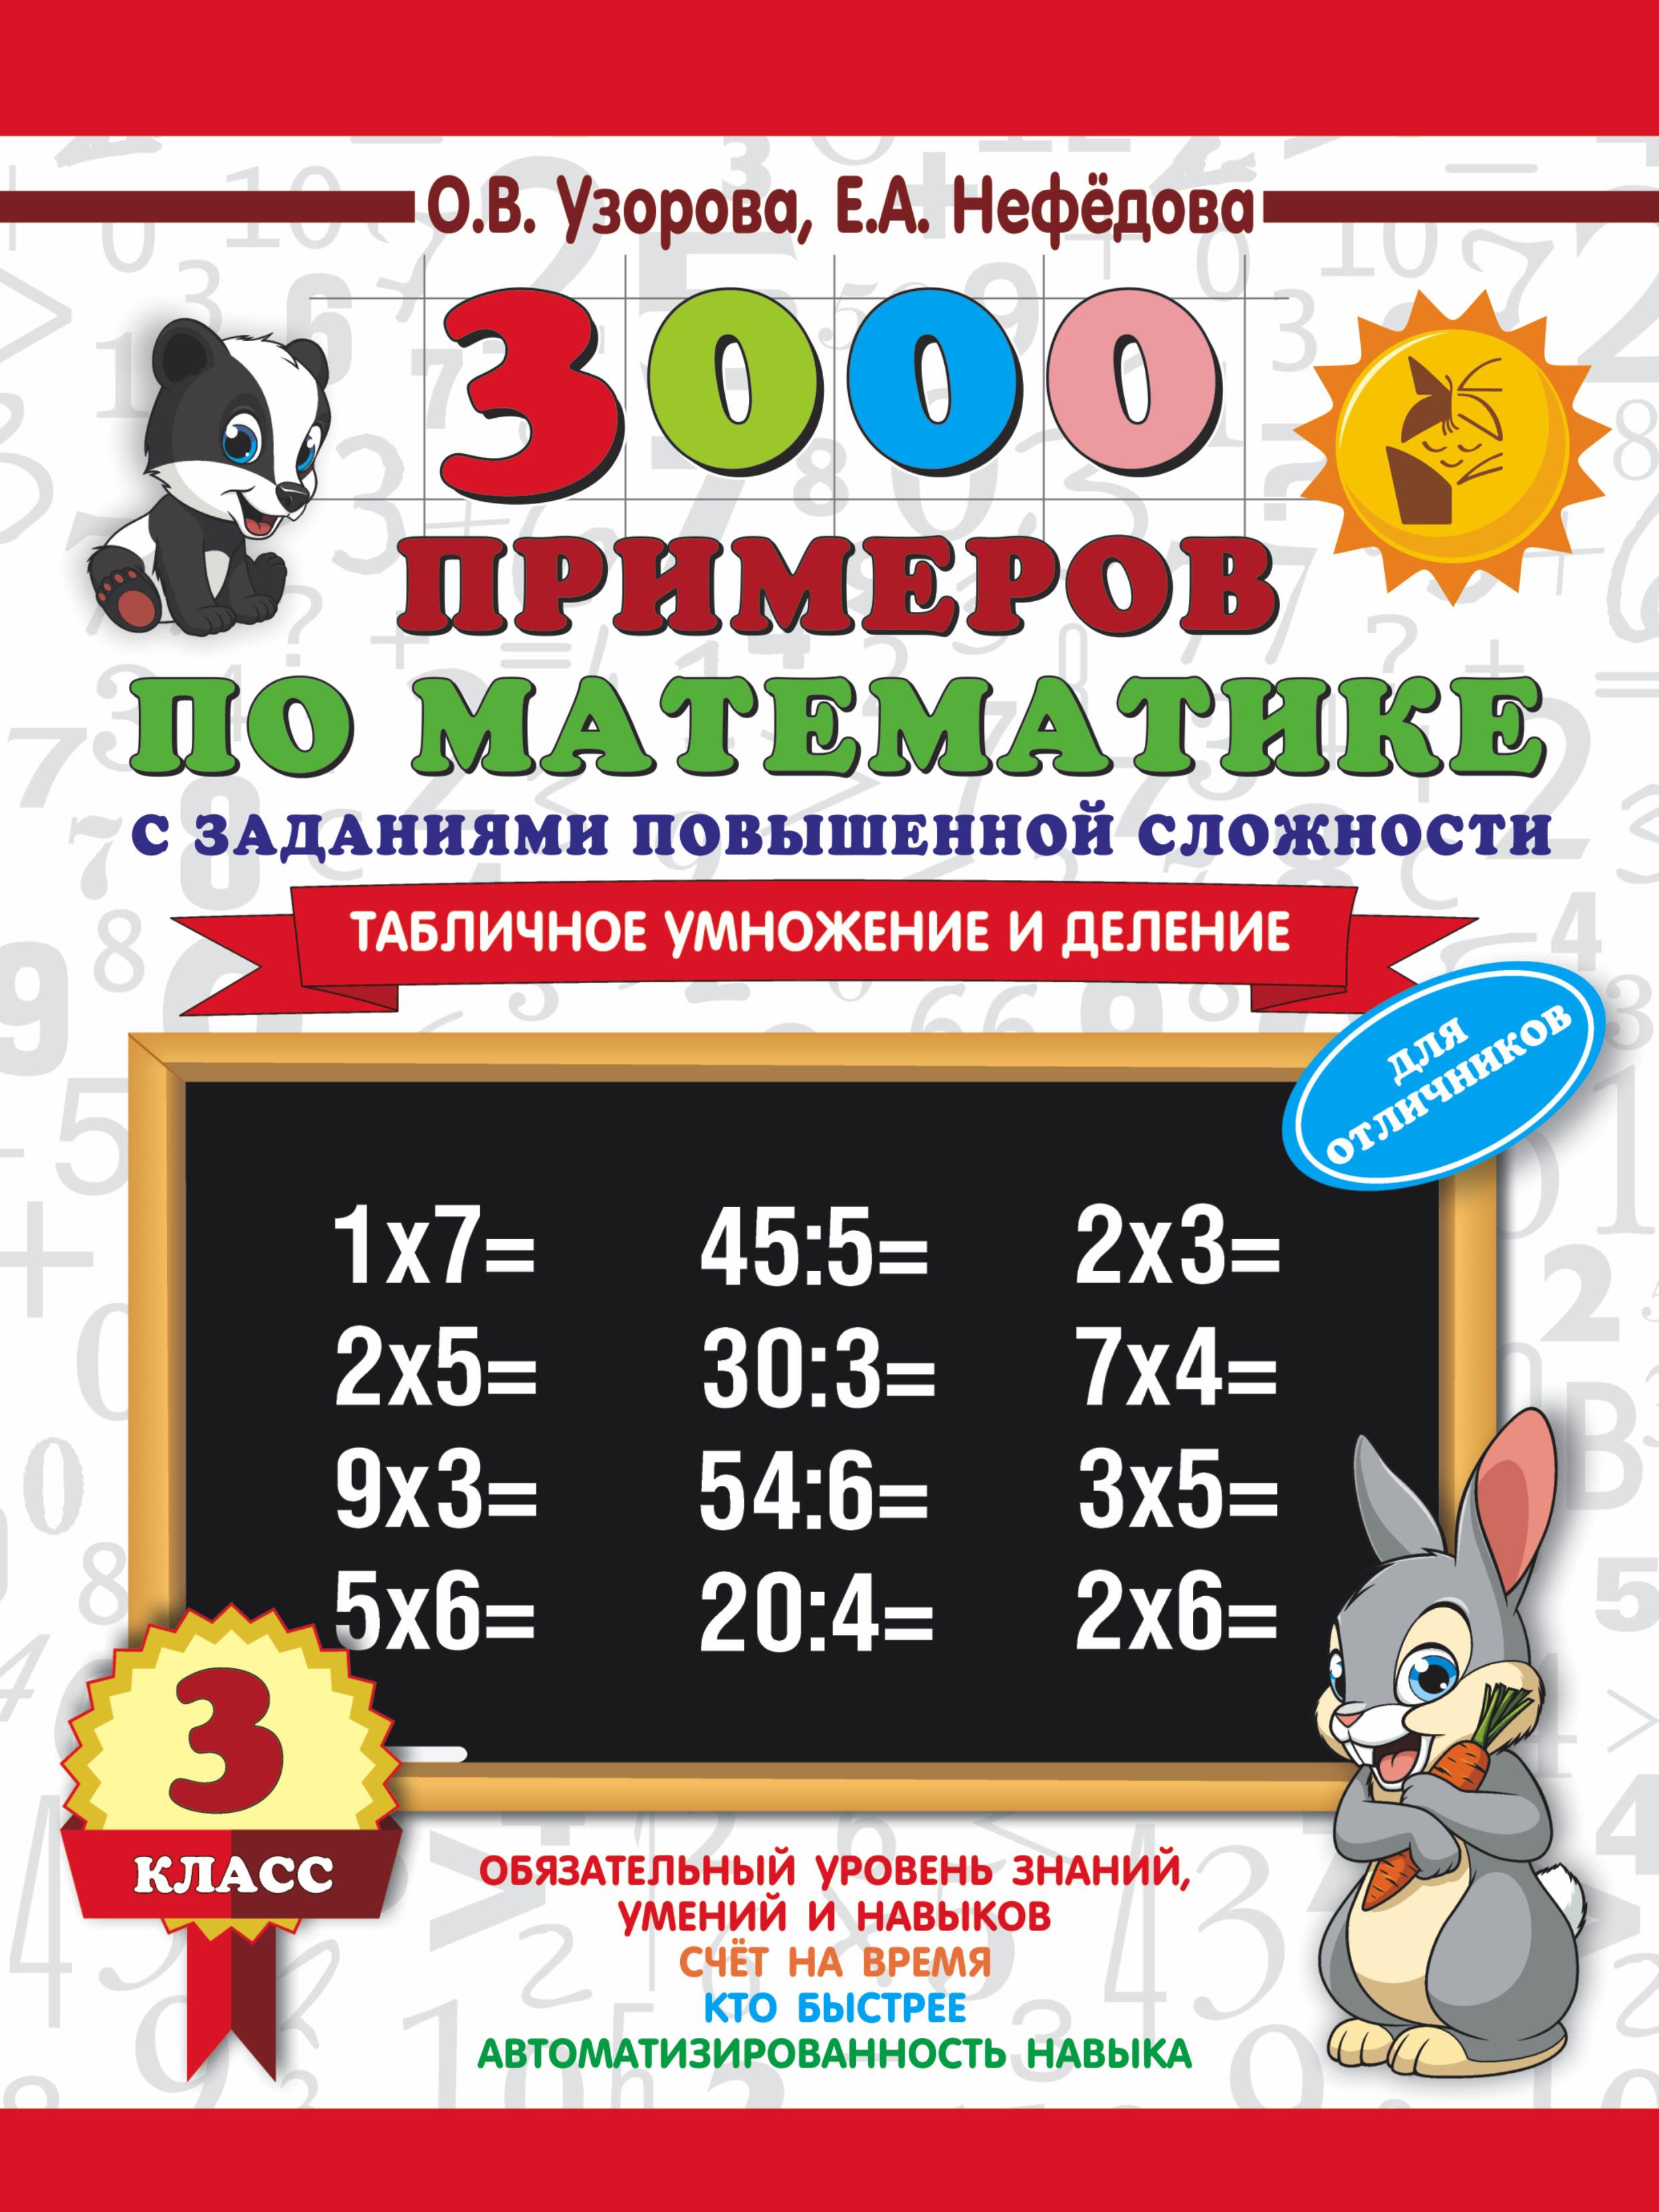 3000 примеров по математике. 3 класс. Табличное умножение и деление. ( Узорова Ольга Васильевна, Нефедова Елена Алексеевна  )